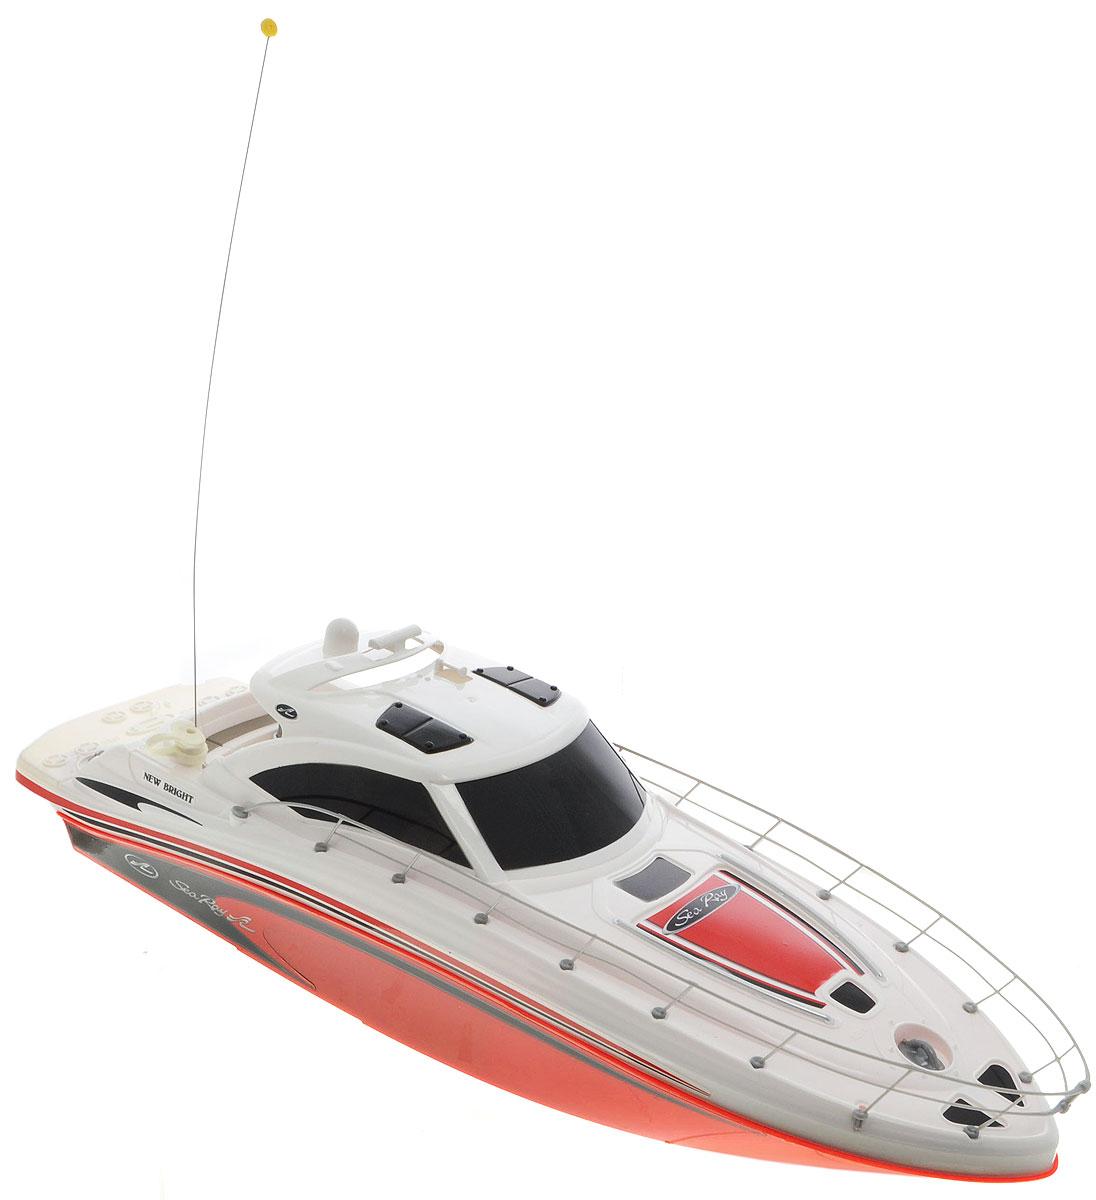 New Bright Катер на радиоуправлении Sea Ray цвет белый красный7185Что может порадовать мальчика больше, чем новая, оригинальная и функциональная радиоуправляемая техника? Пожалуй, с этим видом игрушек трудно конкурировать. Они действительно удивительные, красивые и дарят ребенку ощущение радости, скорости и динамики. Катер на радиоуправлении New Bright Sea Ray поразит своей скоростью и маневренностью и доставит много приятных минут, которые вы сможете провести рядом с вашим юным любителем радиоуправляемых моделей. Катеру найдется место и в ванной и во время отдыха на пляже. Обладая стремительными изгибами корпуса и полнофункциональным управлением, модели будут подвластны любые водоемы! Это настолько захватывает, что ваш ребенок попросту забудет о том, что это всего лишь игрушка!